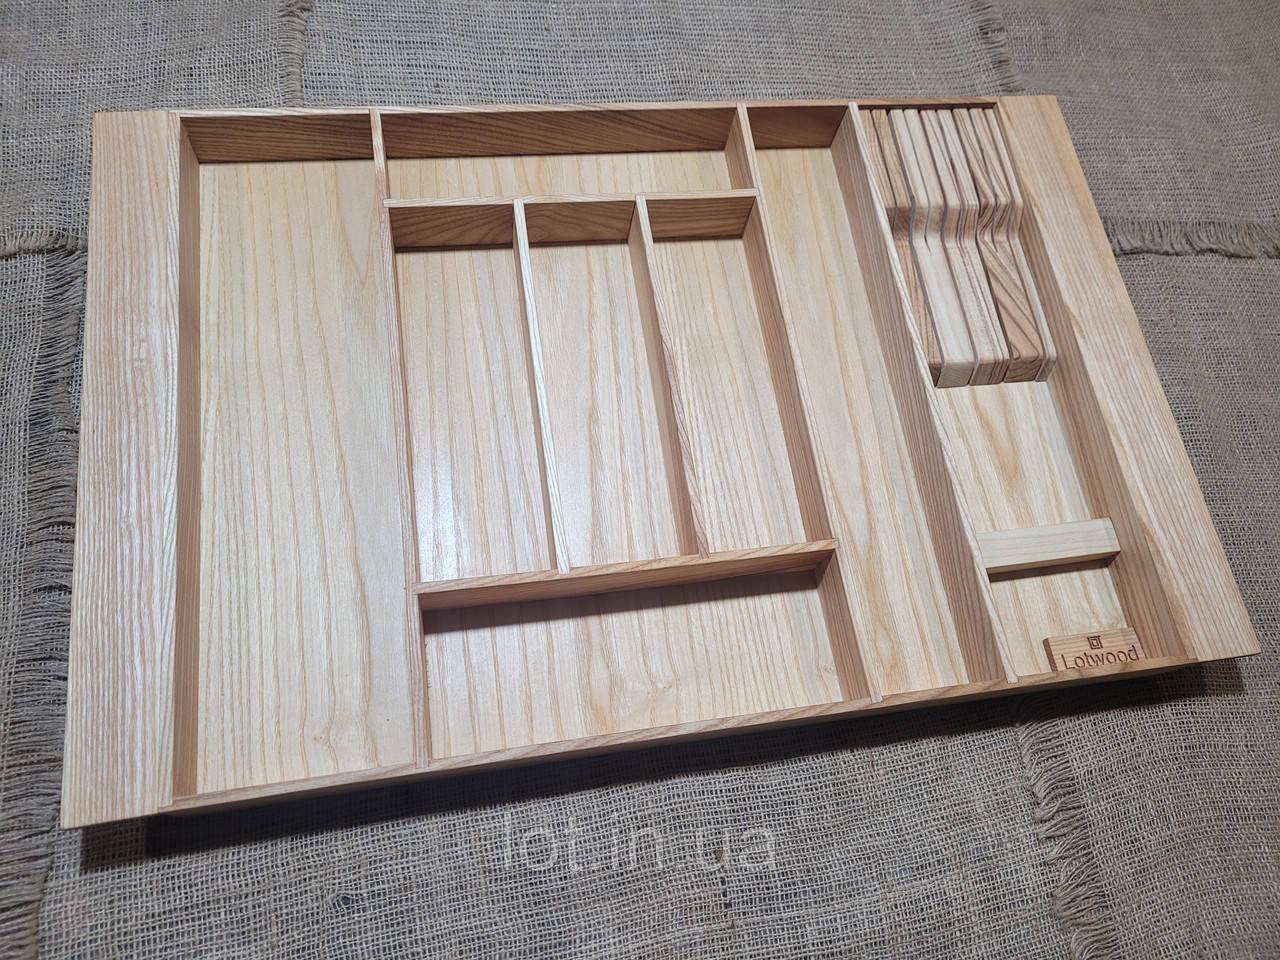 Лоток для столовых приборов LР8 609-700.450 ясень